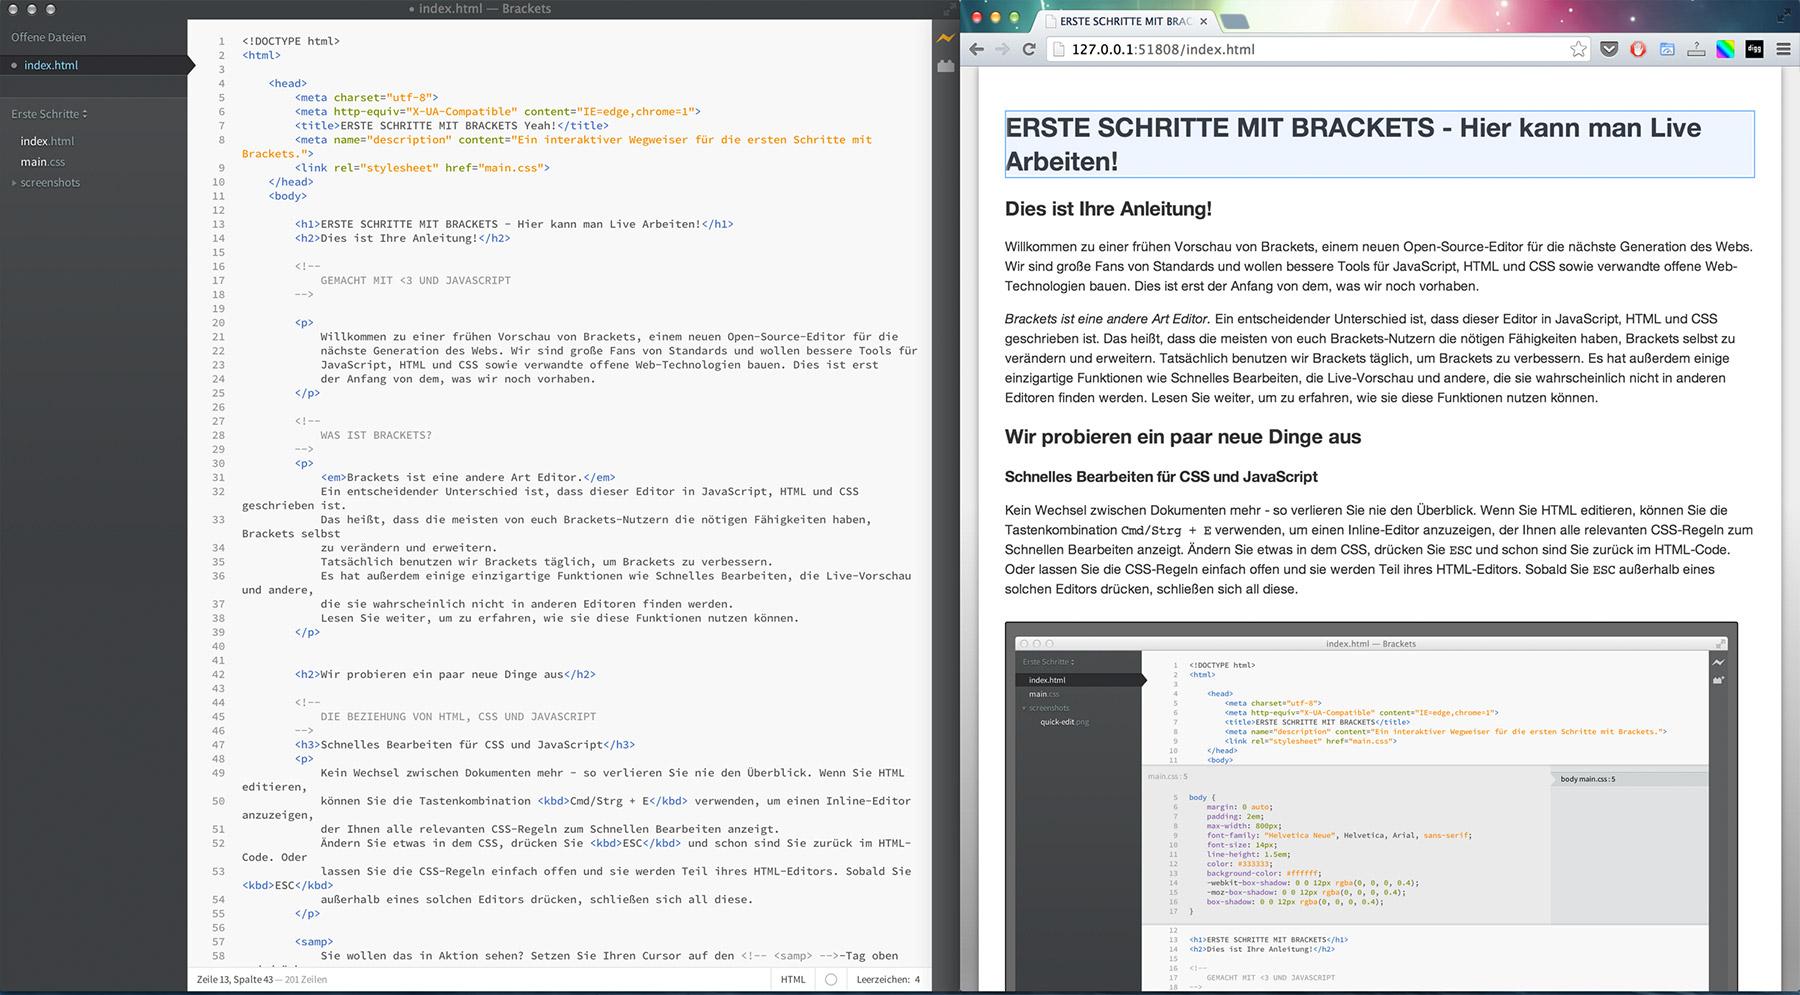 Live Preview von Brackets. Links der Editor und Rechts wird in Echtzeit das Ergebniss angezeigt.